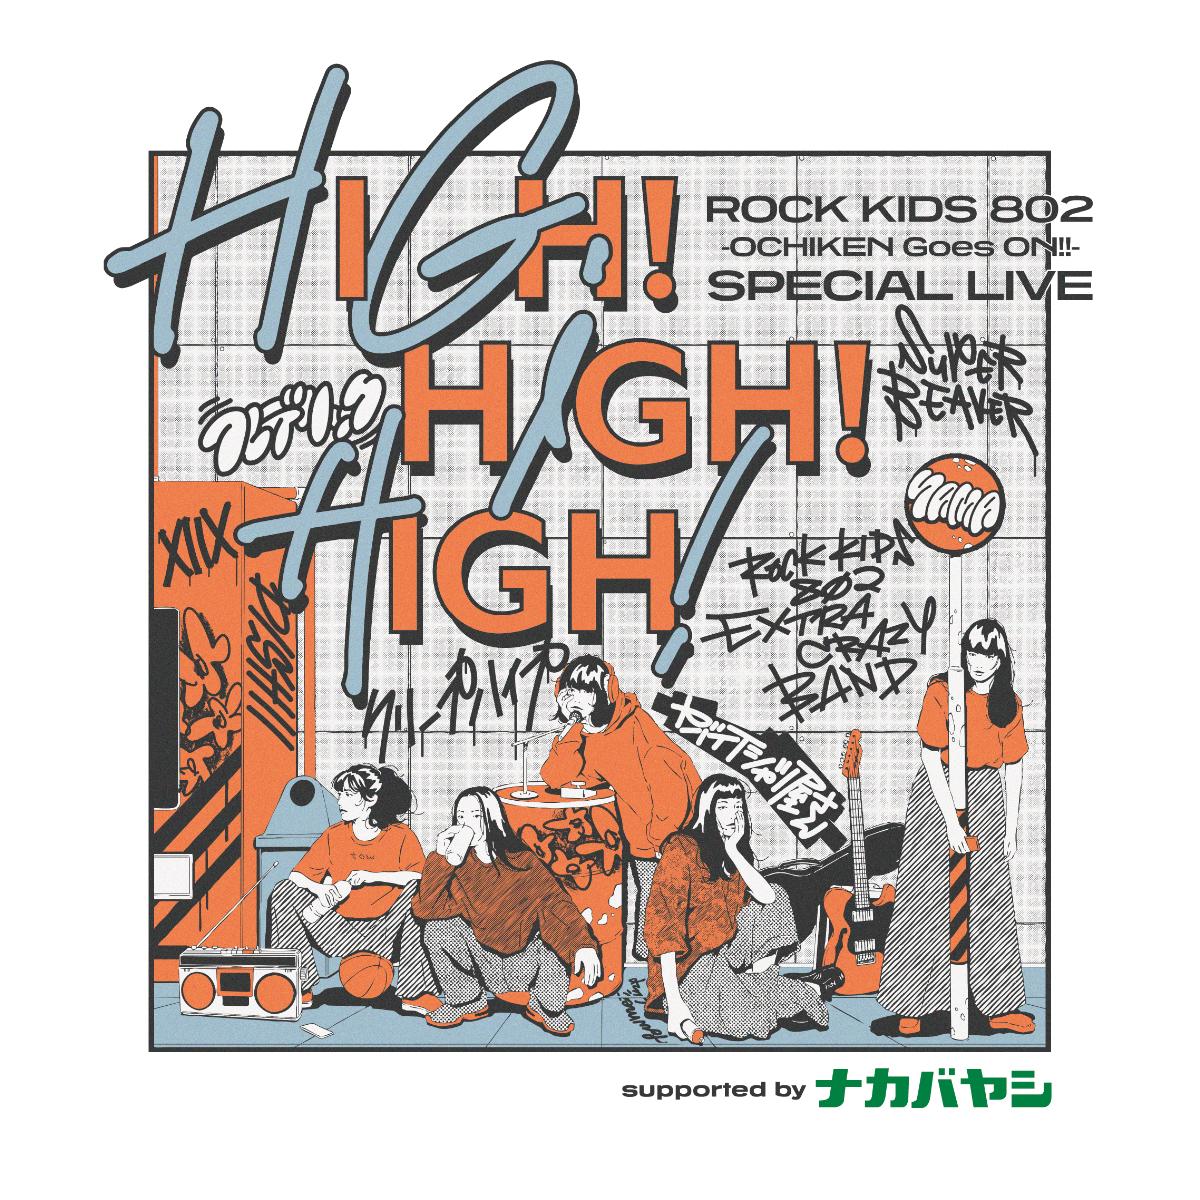 『ROCK KIDS 802 -OCHIKEN Goes ON!!- SPECIAL LIVE HIGH!HIGH!HIGH!』フライヤー